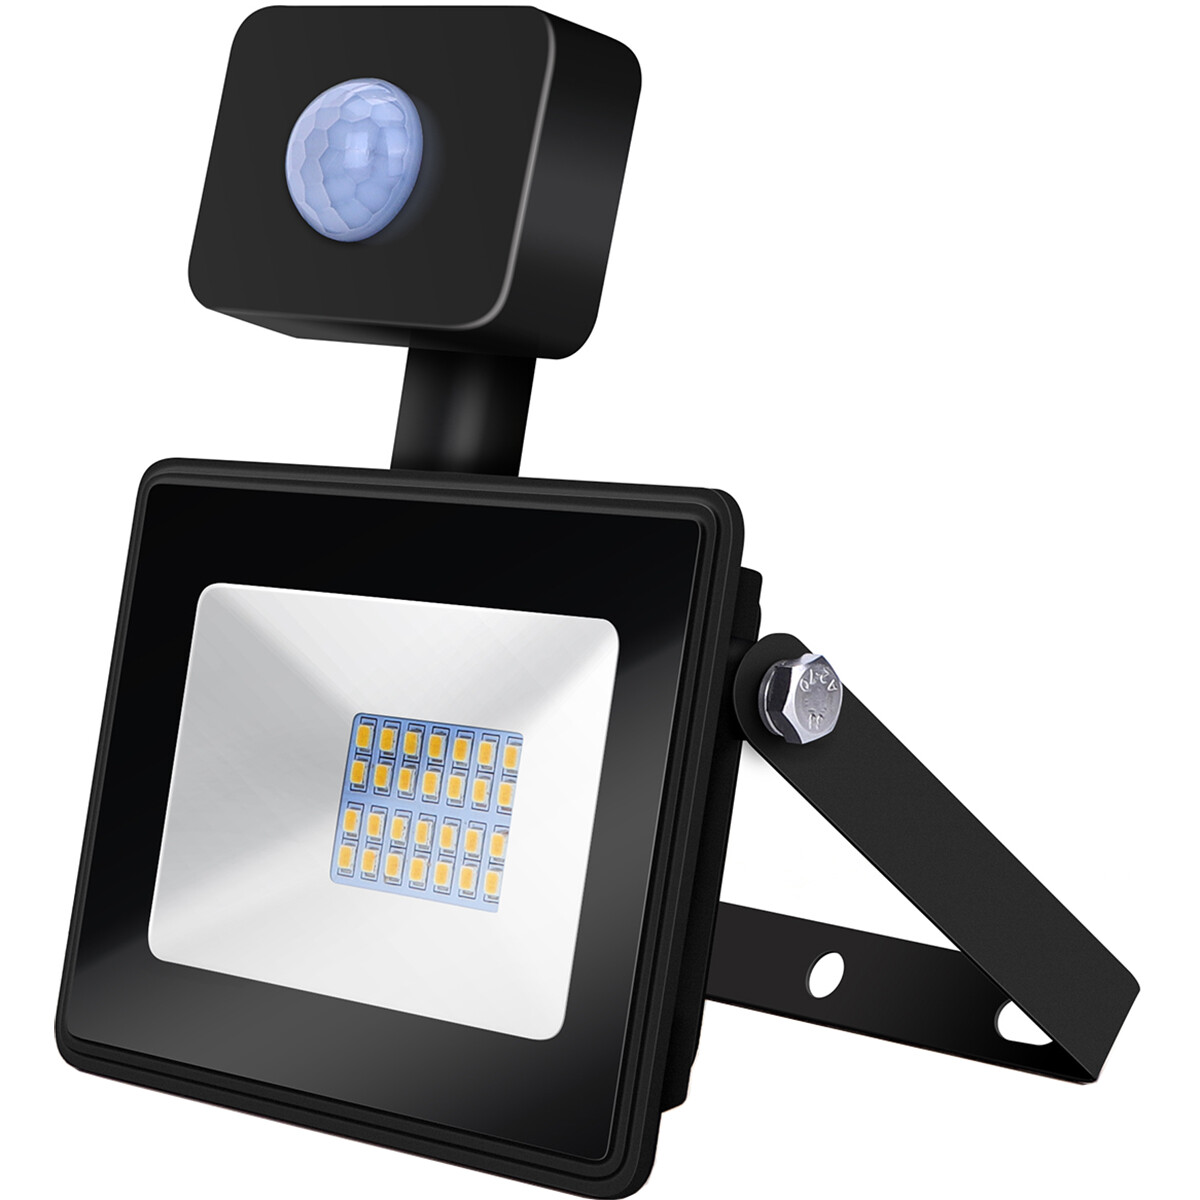 LED Bouwlamp 20 Watt met Sensor - LED Schijnwerper - Aigi Sunny - Natuurlijk Wit 4000K - Waterdicht